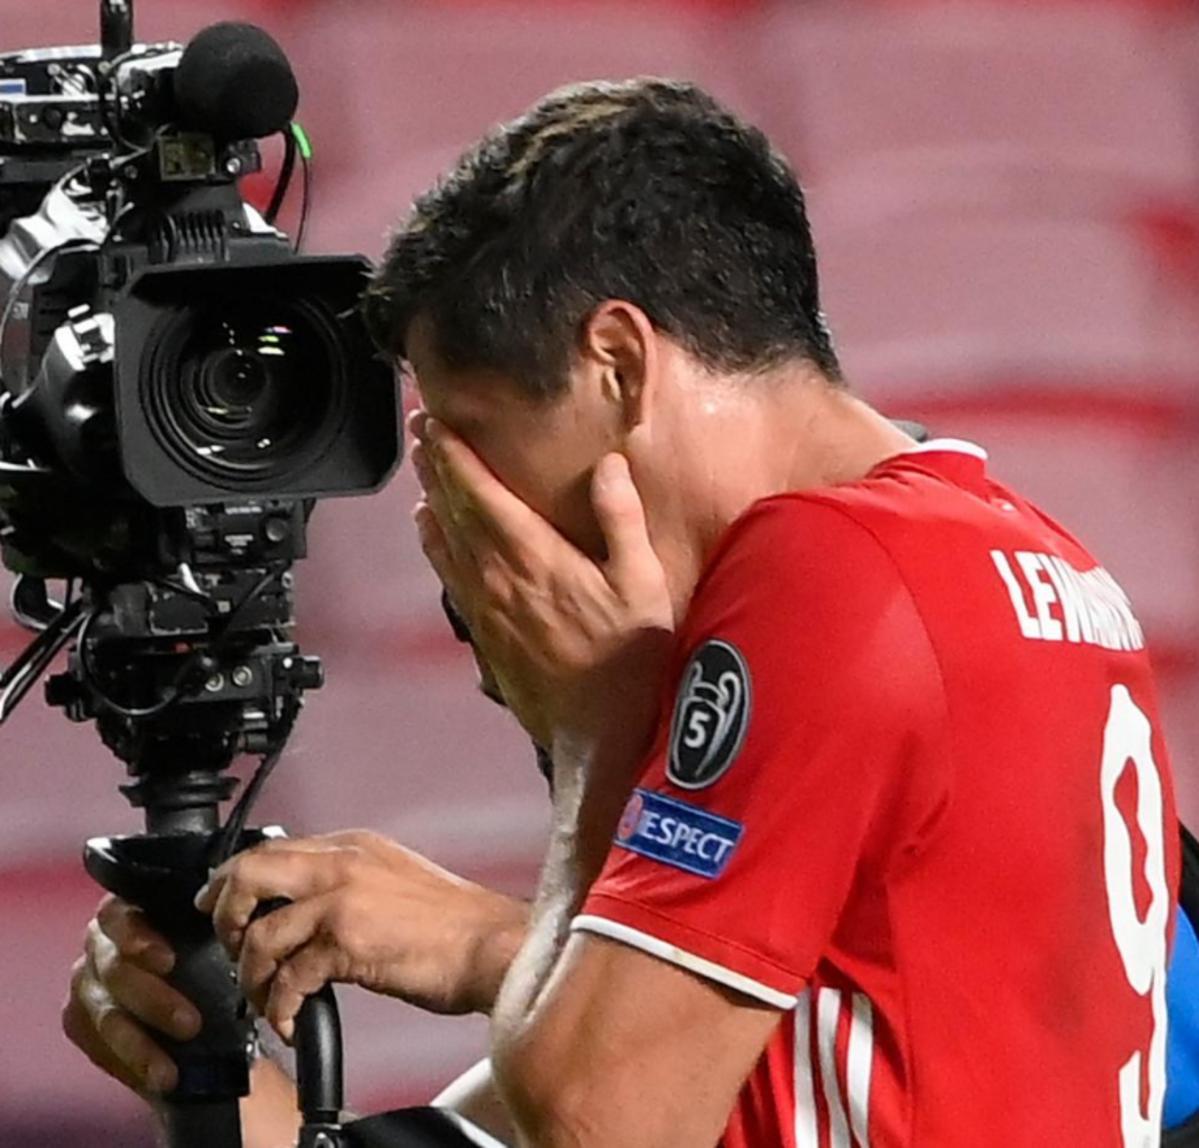 Robert Lewandowski w czerwonym stroju piłkarskim